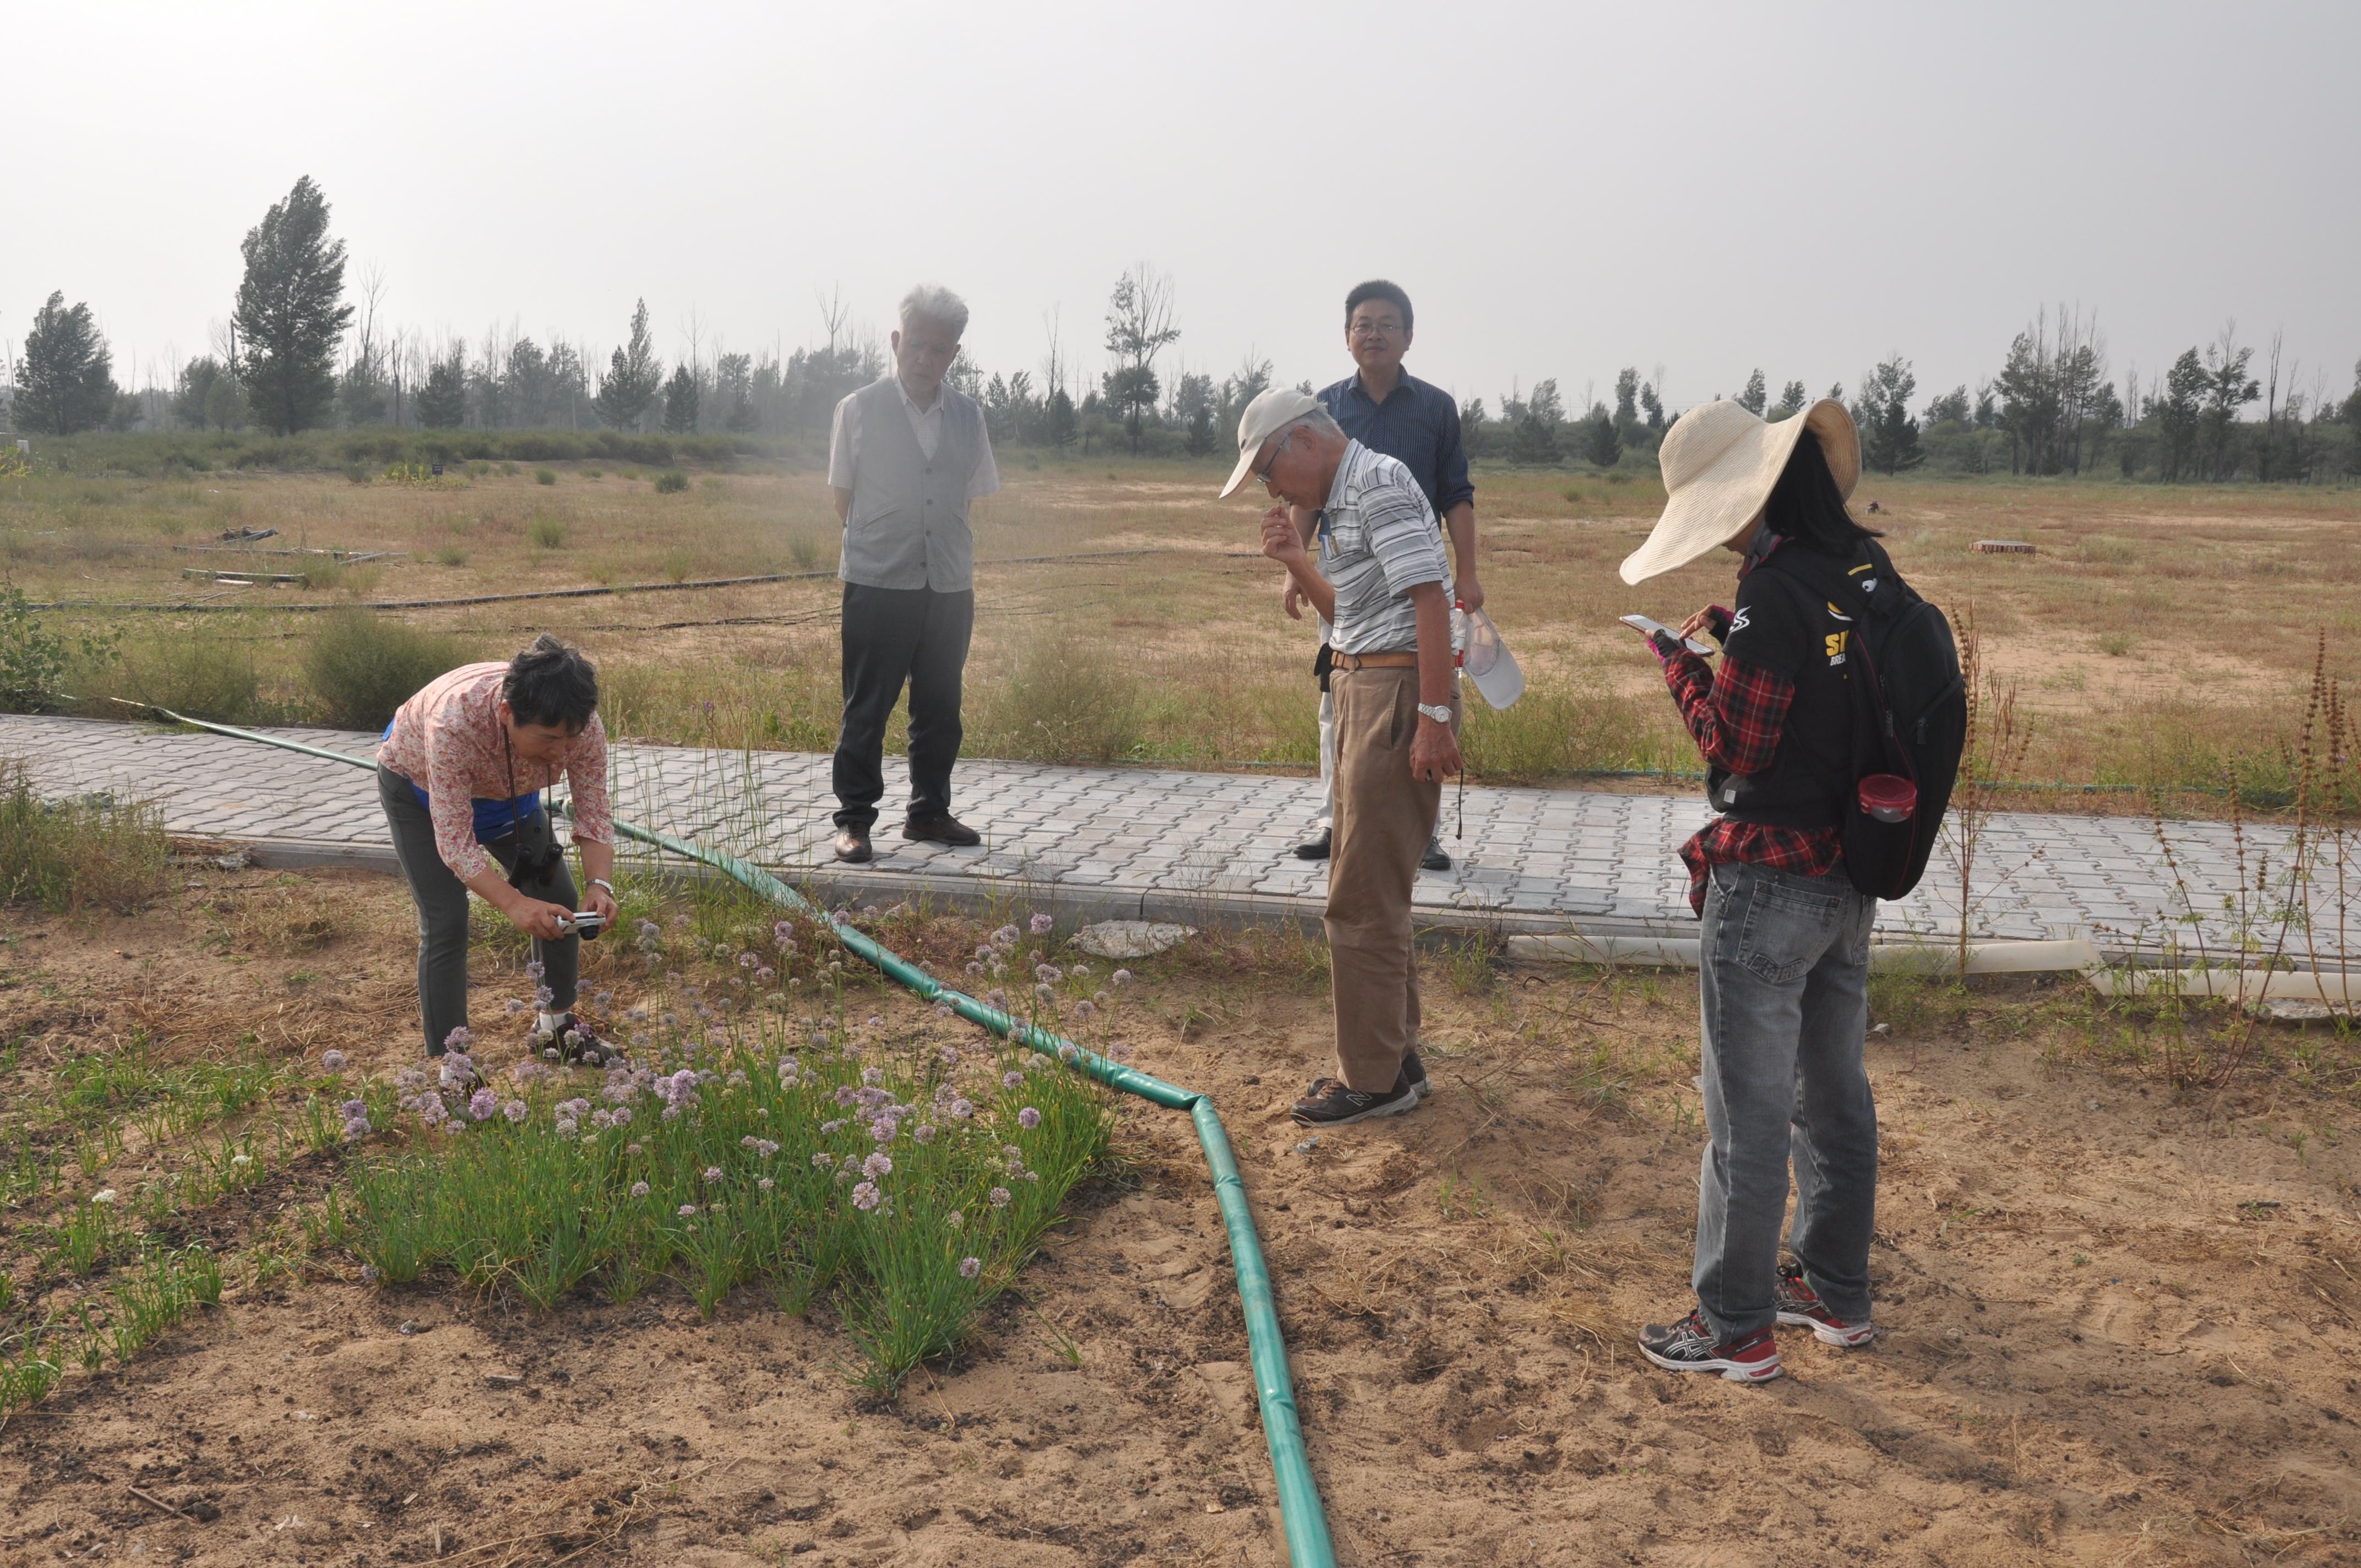 考察沙地资源植物试验示范样地